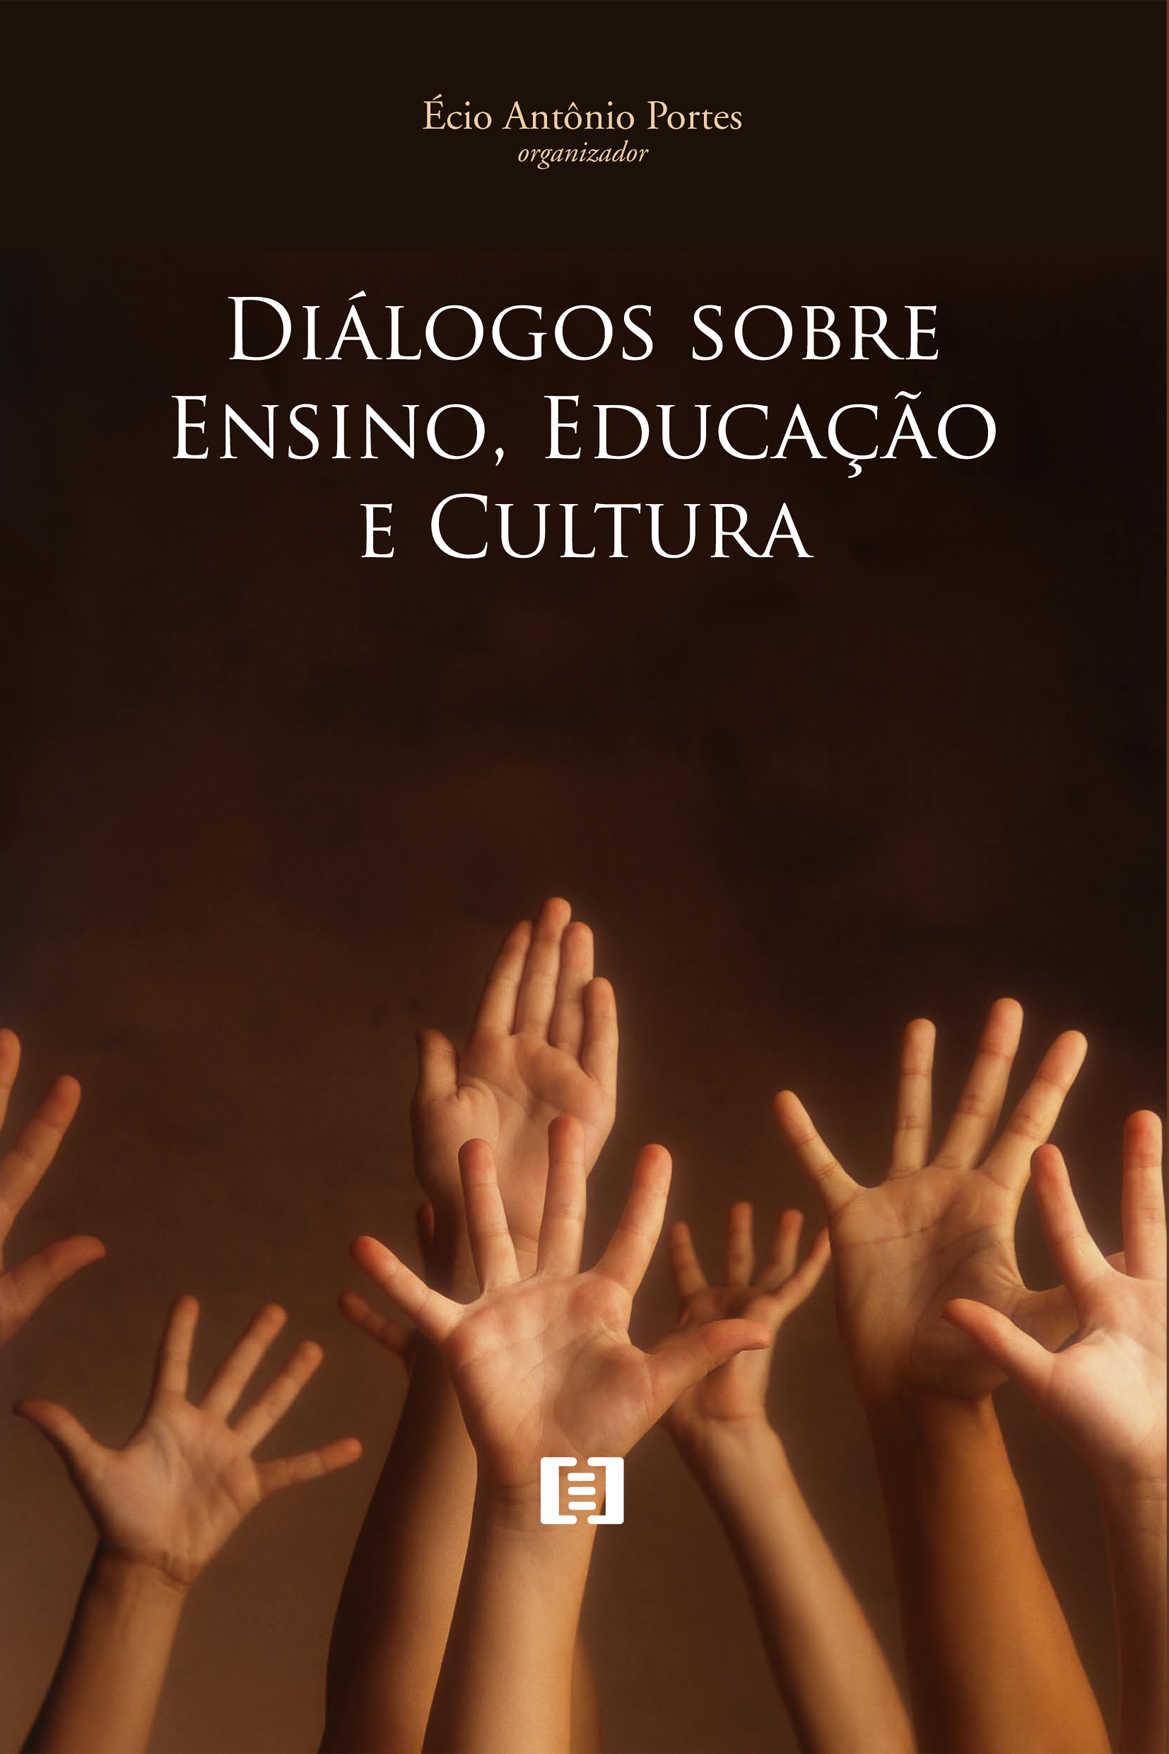 Diálogos sobre Ensino, Educação e Cultura